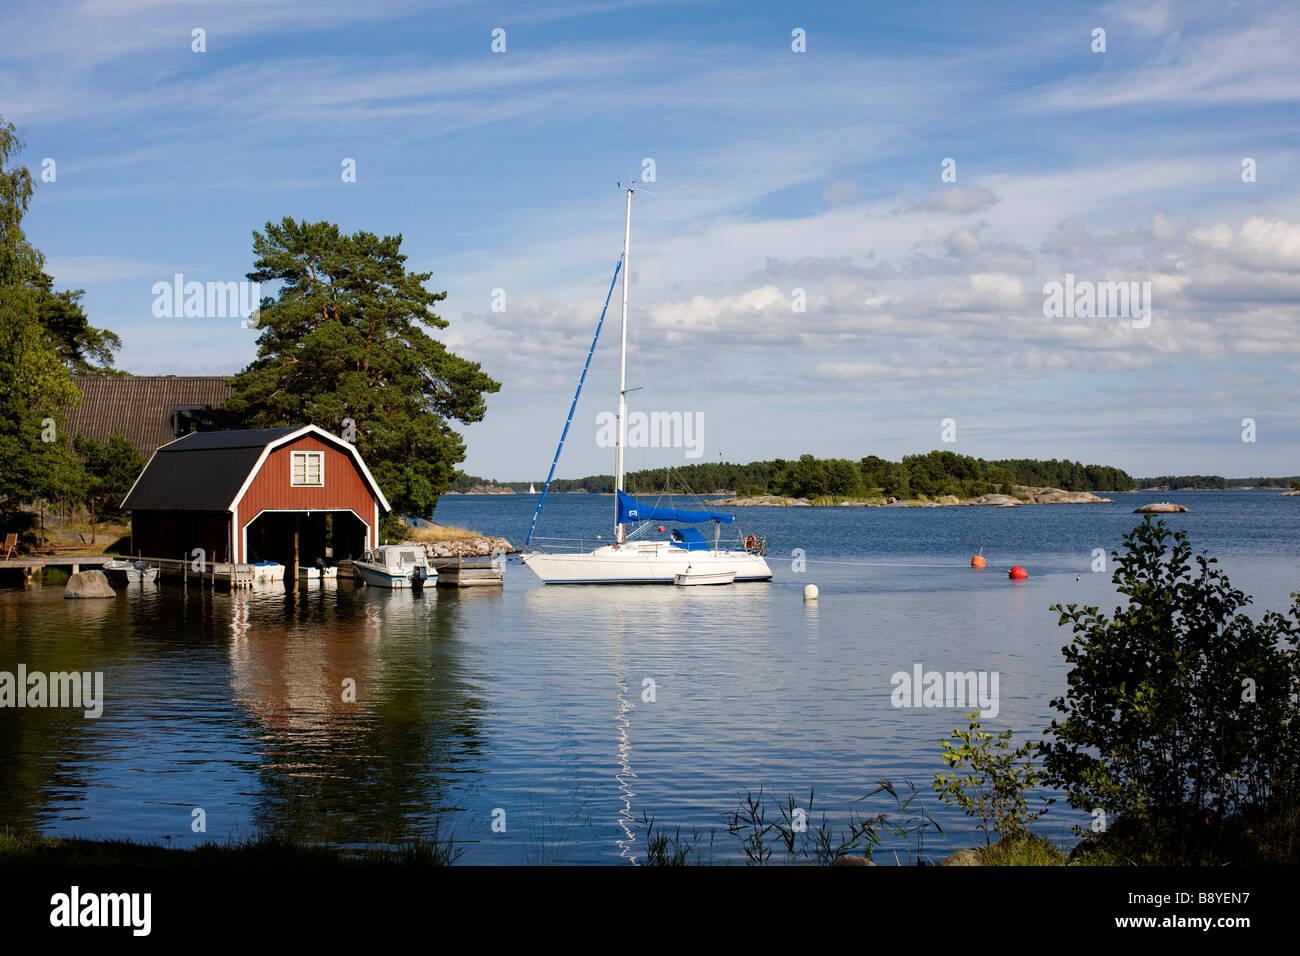 Sailing-boat in Stockholm archipelago Sweden. - Stock Image